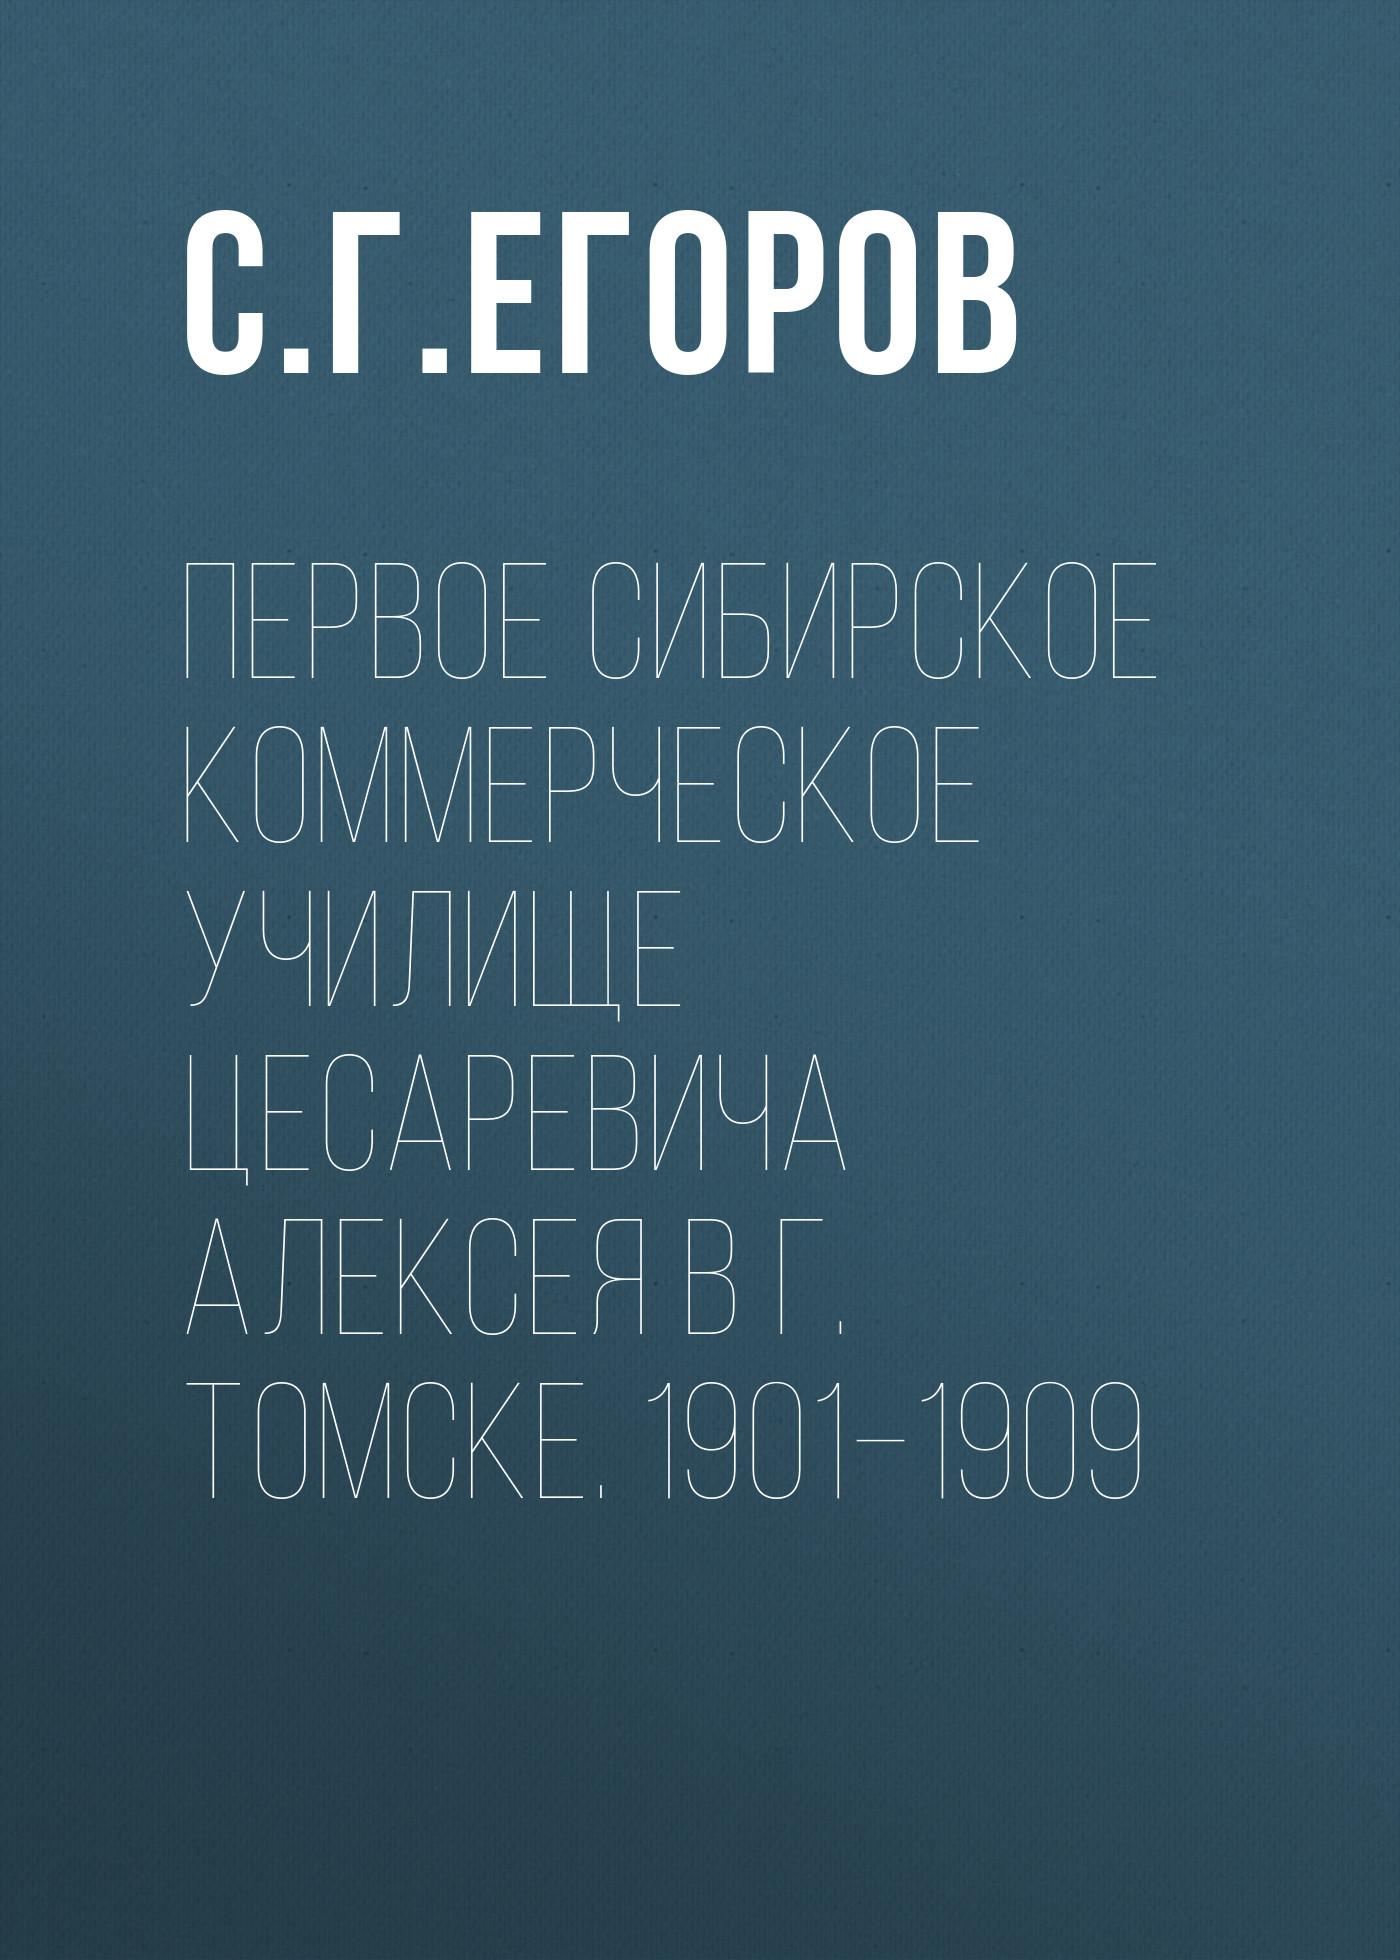 С. Г. Егоров Первое Сибирское коммерческое училище цесаревича Алексея в г. Томске. 1901–1909